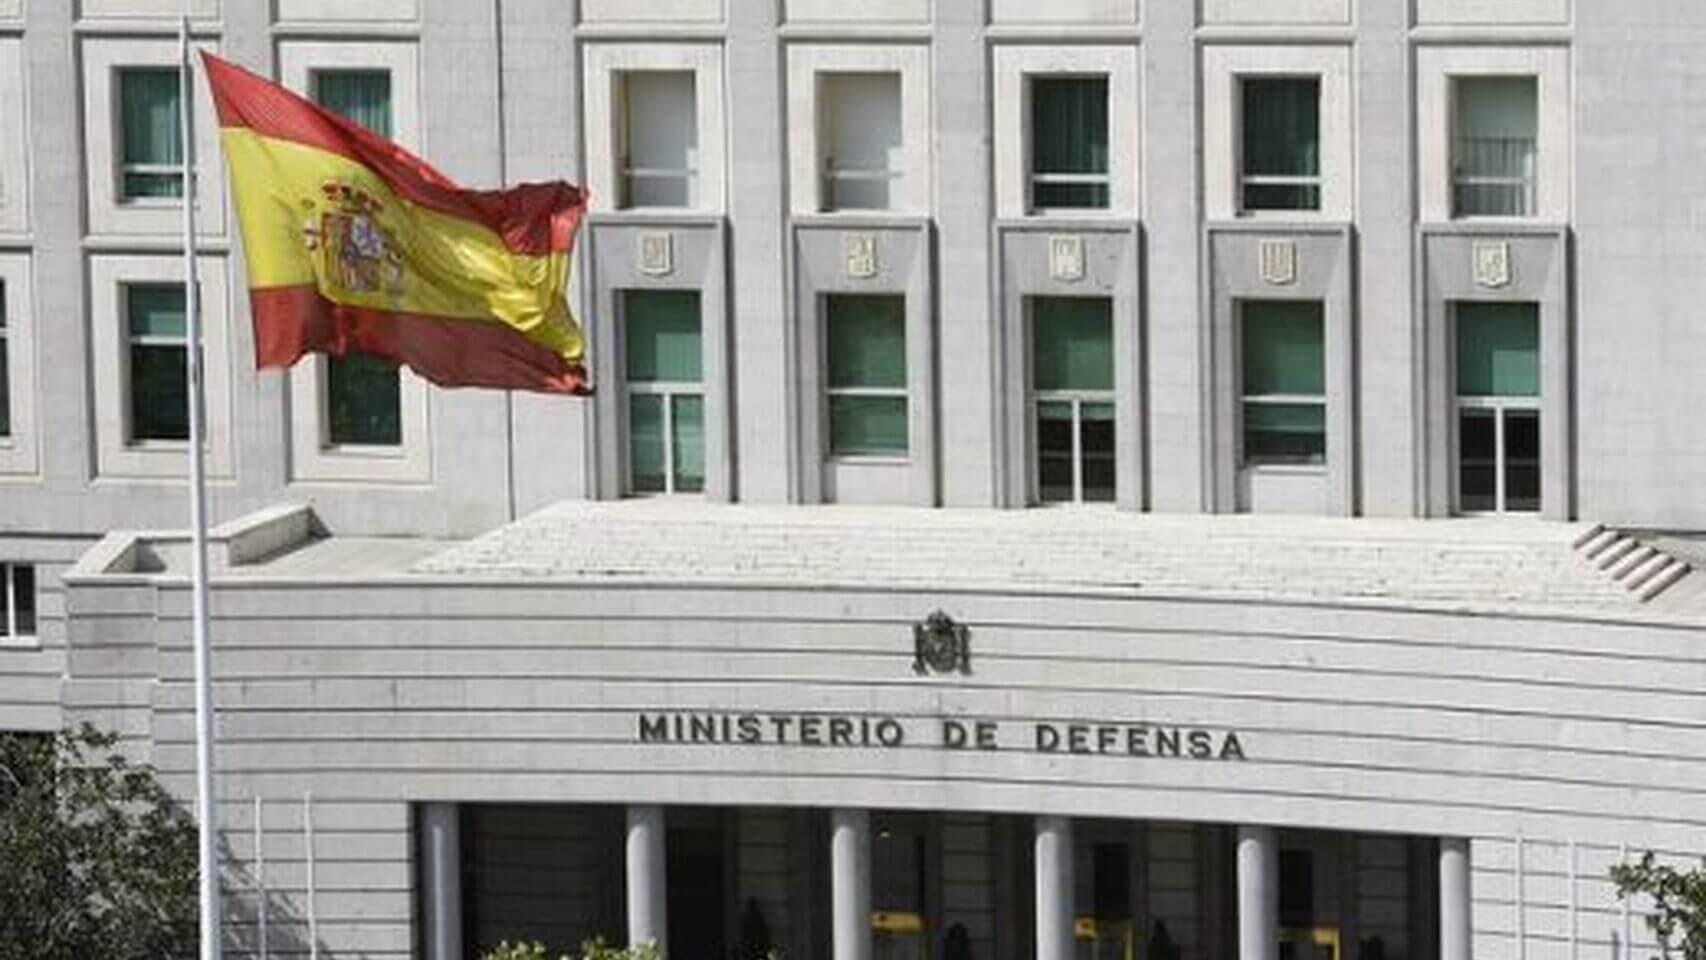 Ministerio_de_Defensa-Semana_Santa-Banderas_nacionales-Espana